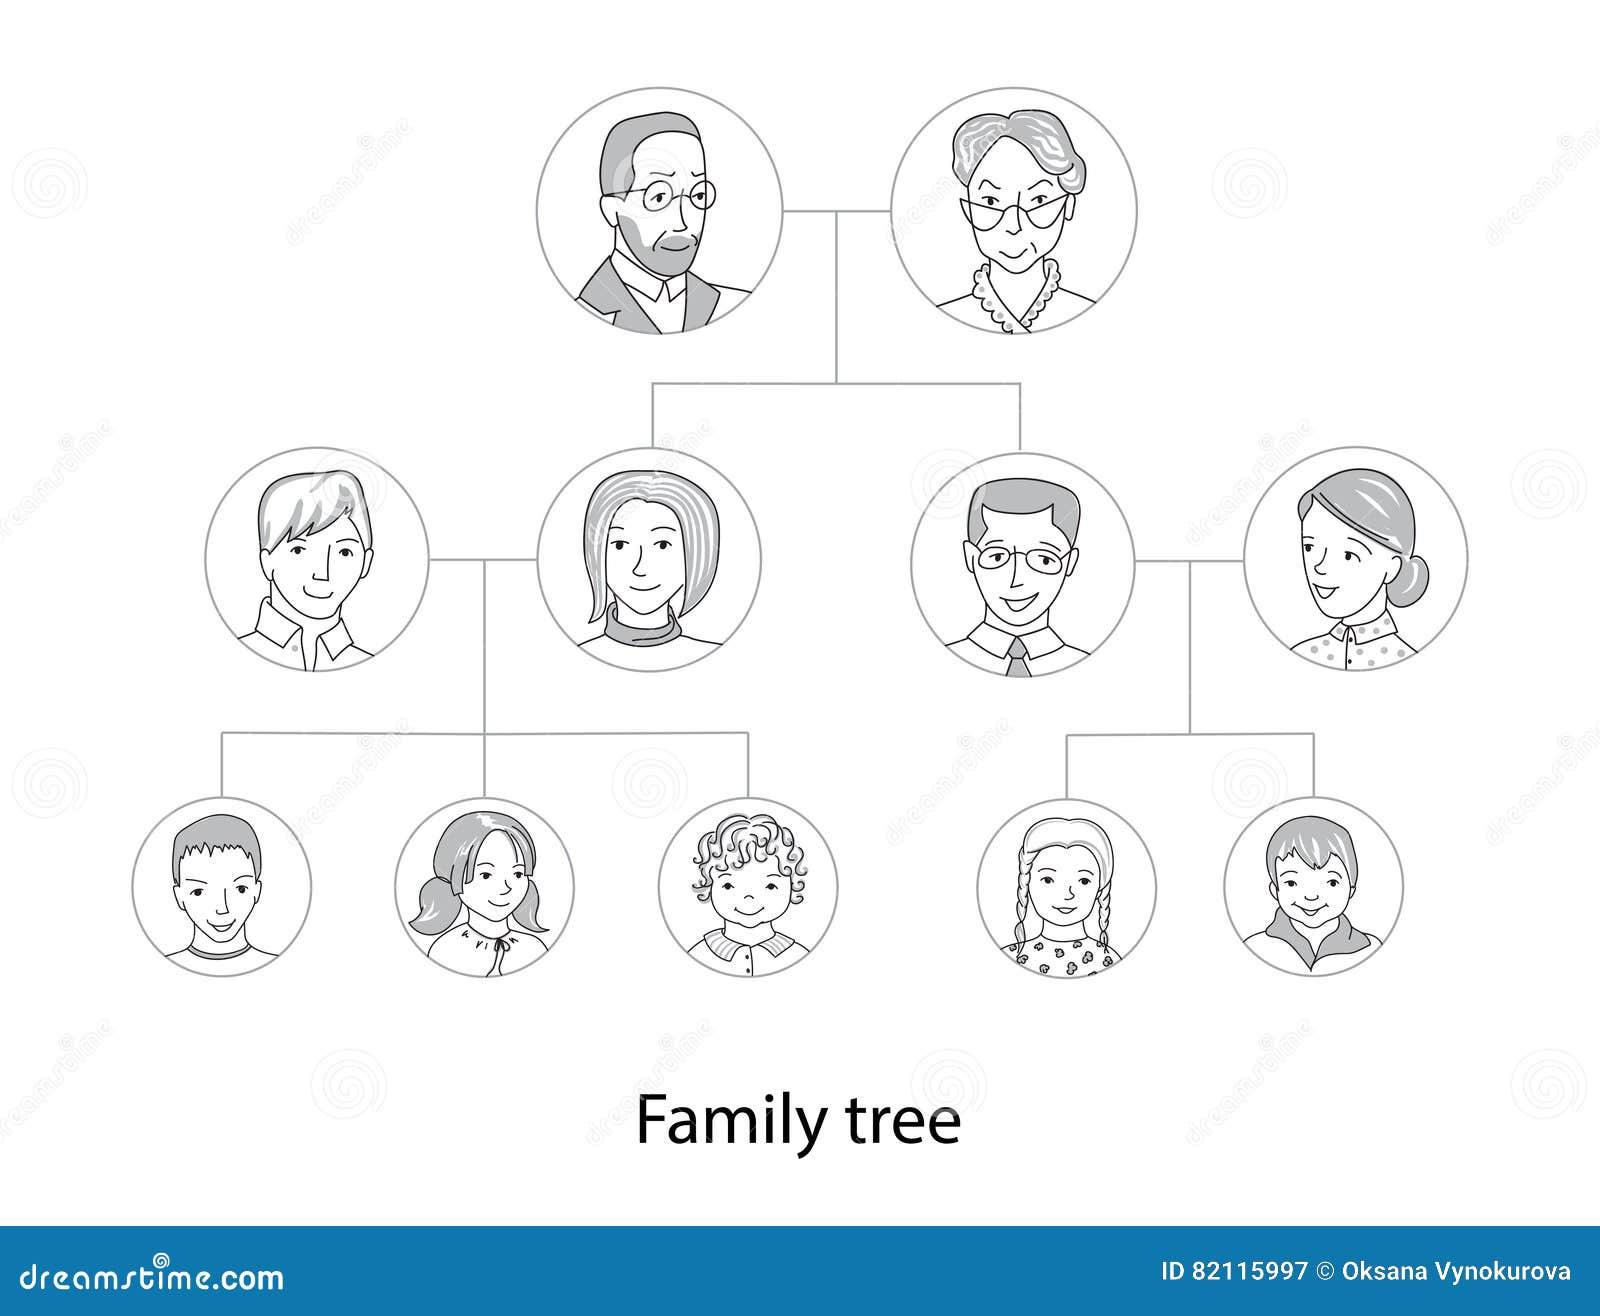 cartoon generation family tree isolated on white cartoon